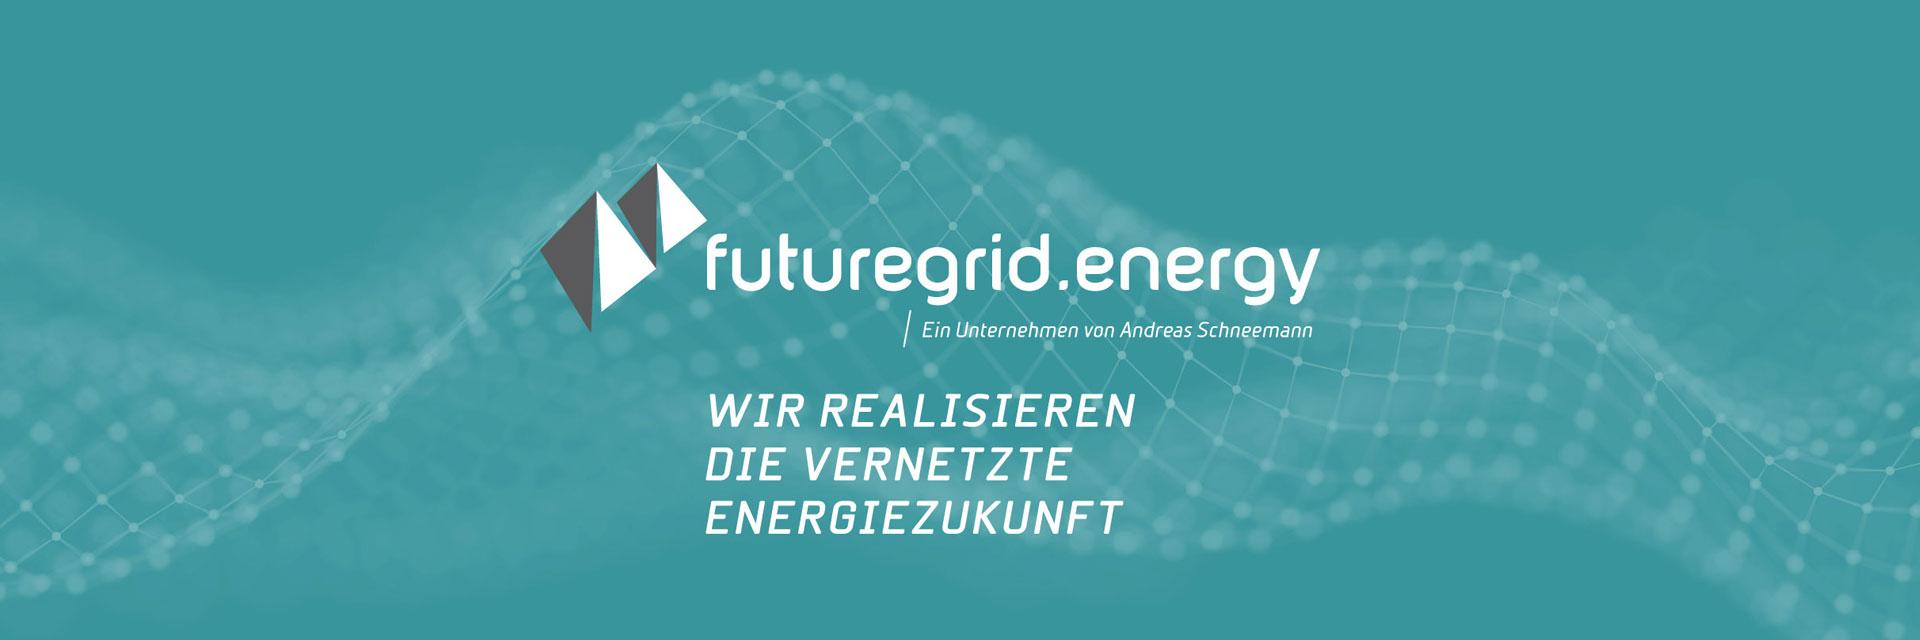 vernetzte Zukunft mit futuregrid.energy